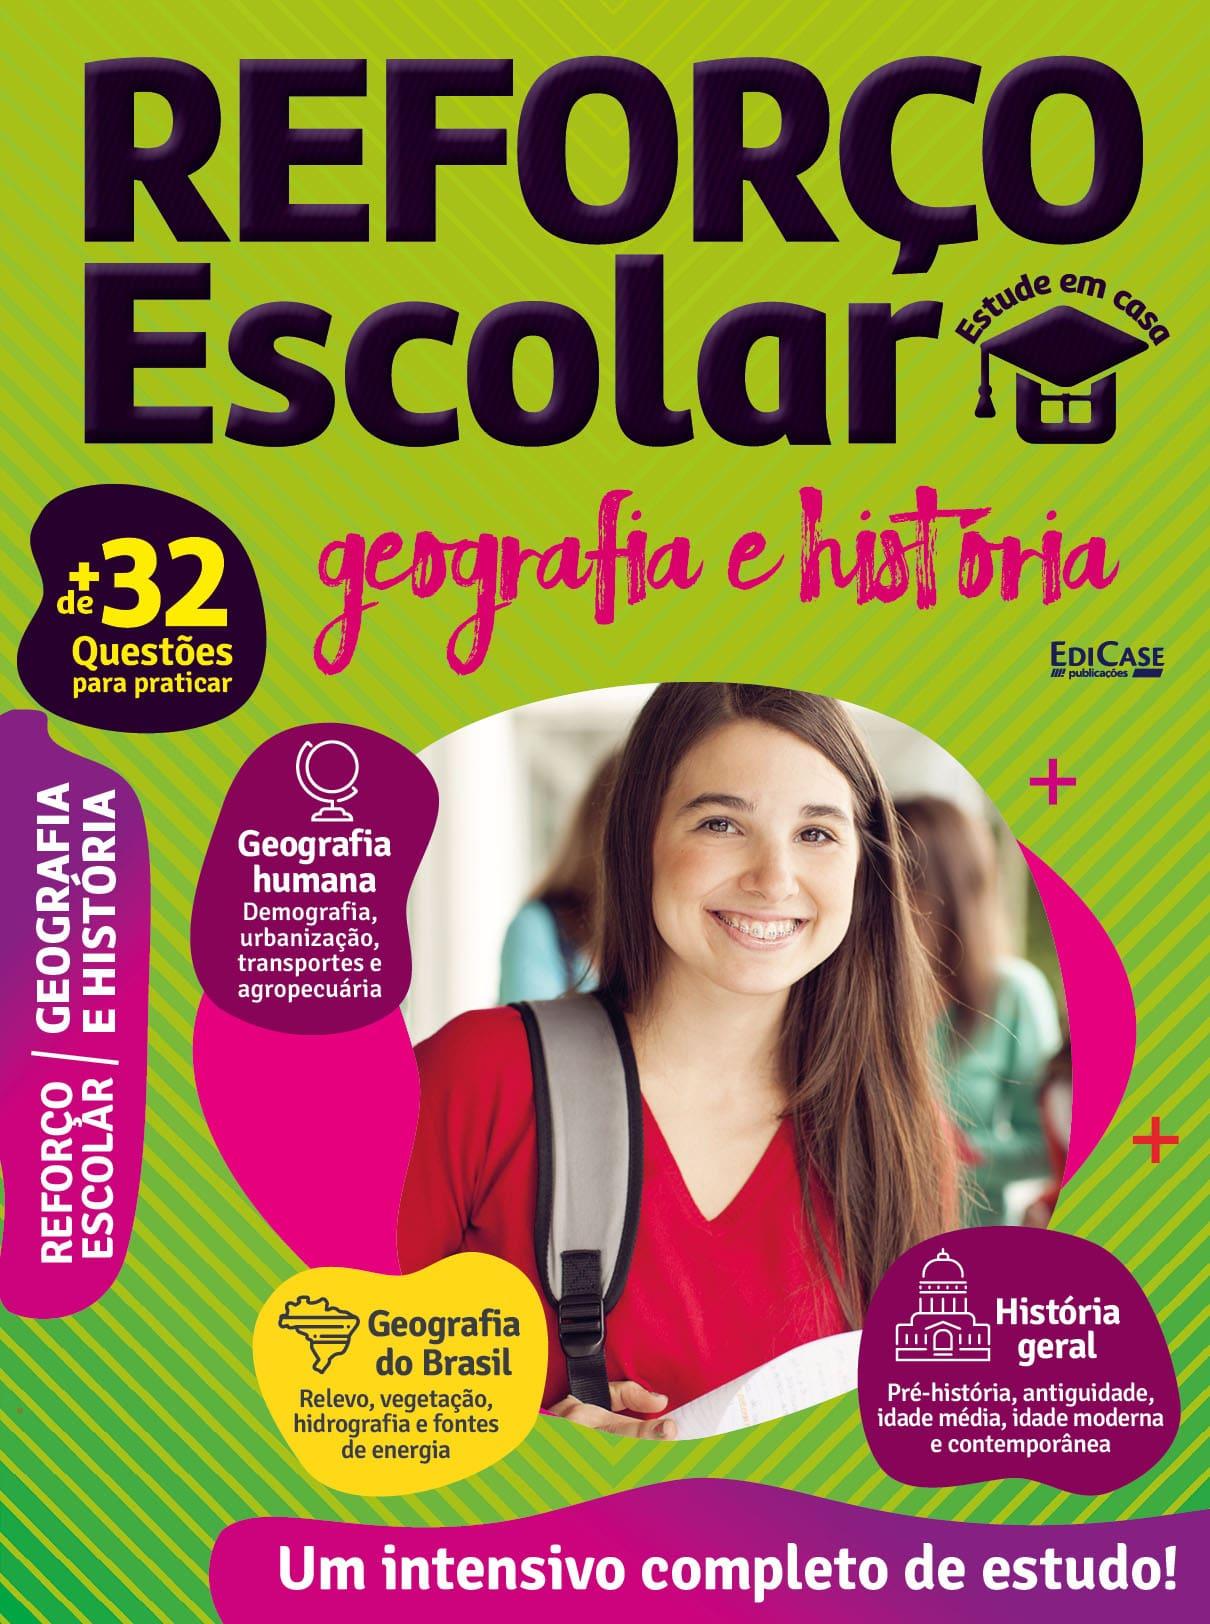 Reforço Escolar - Estude em casa Ed. 03 - Geografia e História  - EdiCase Publicações